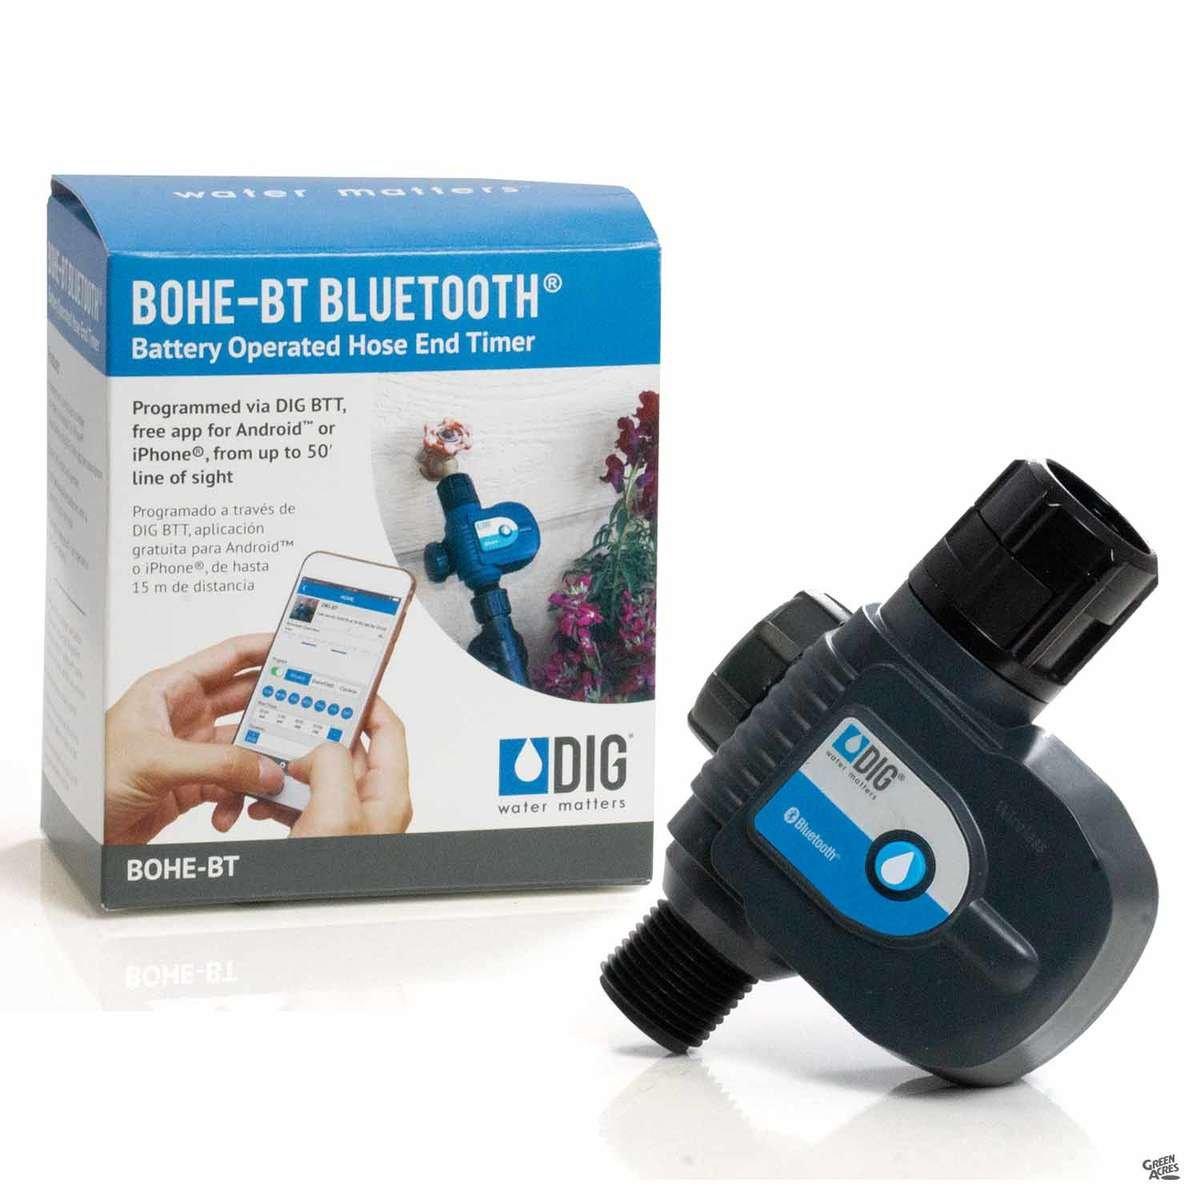 DIG Bluetooth Hose End Timer